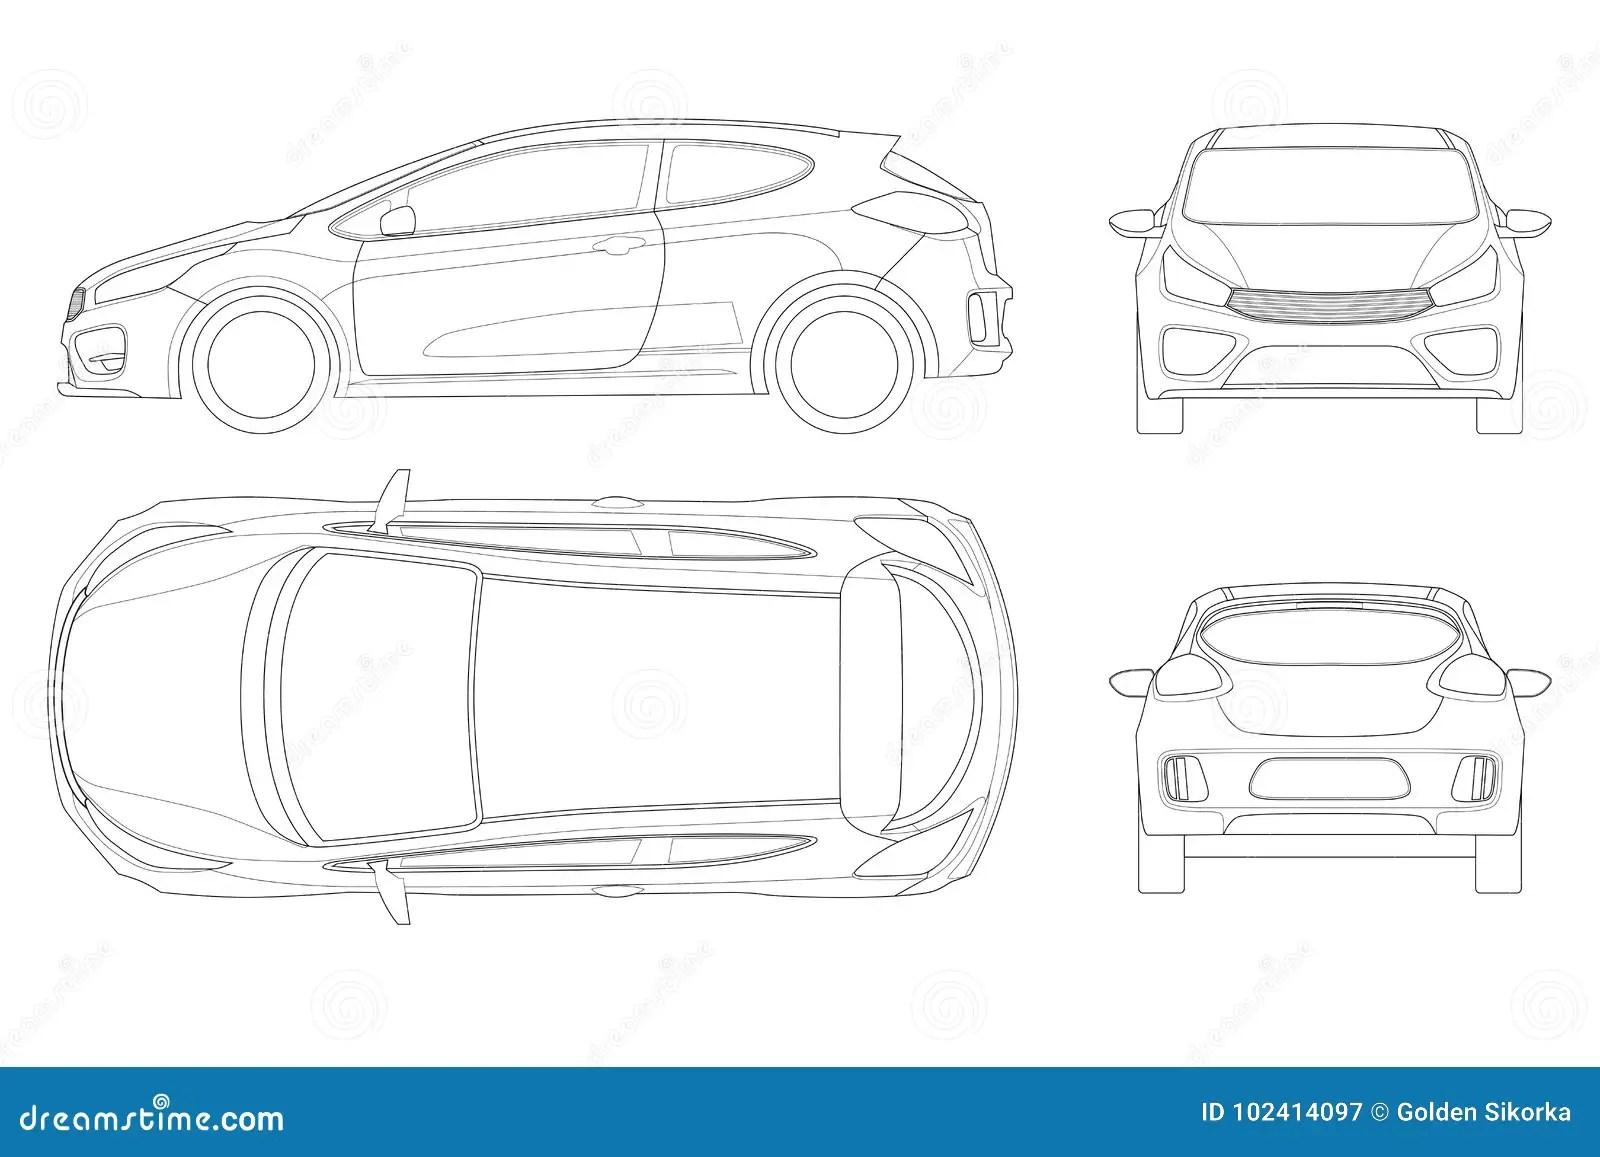 Sportcar Or Hatchback Vehicle Suv Car Set On Outline Template Stock Vector